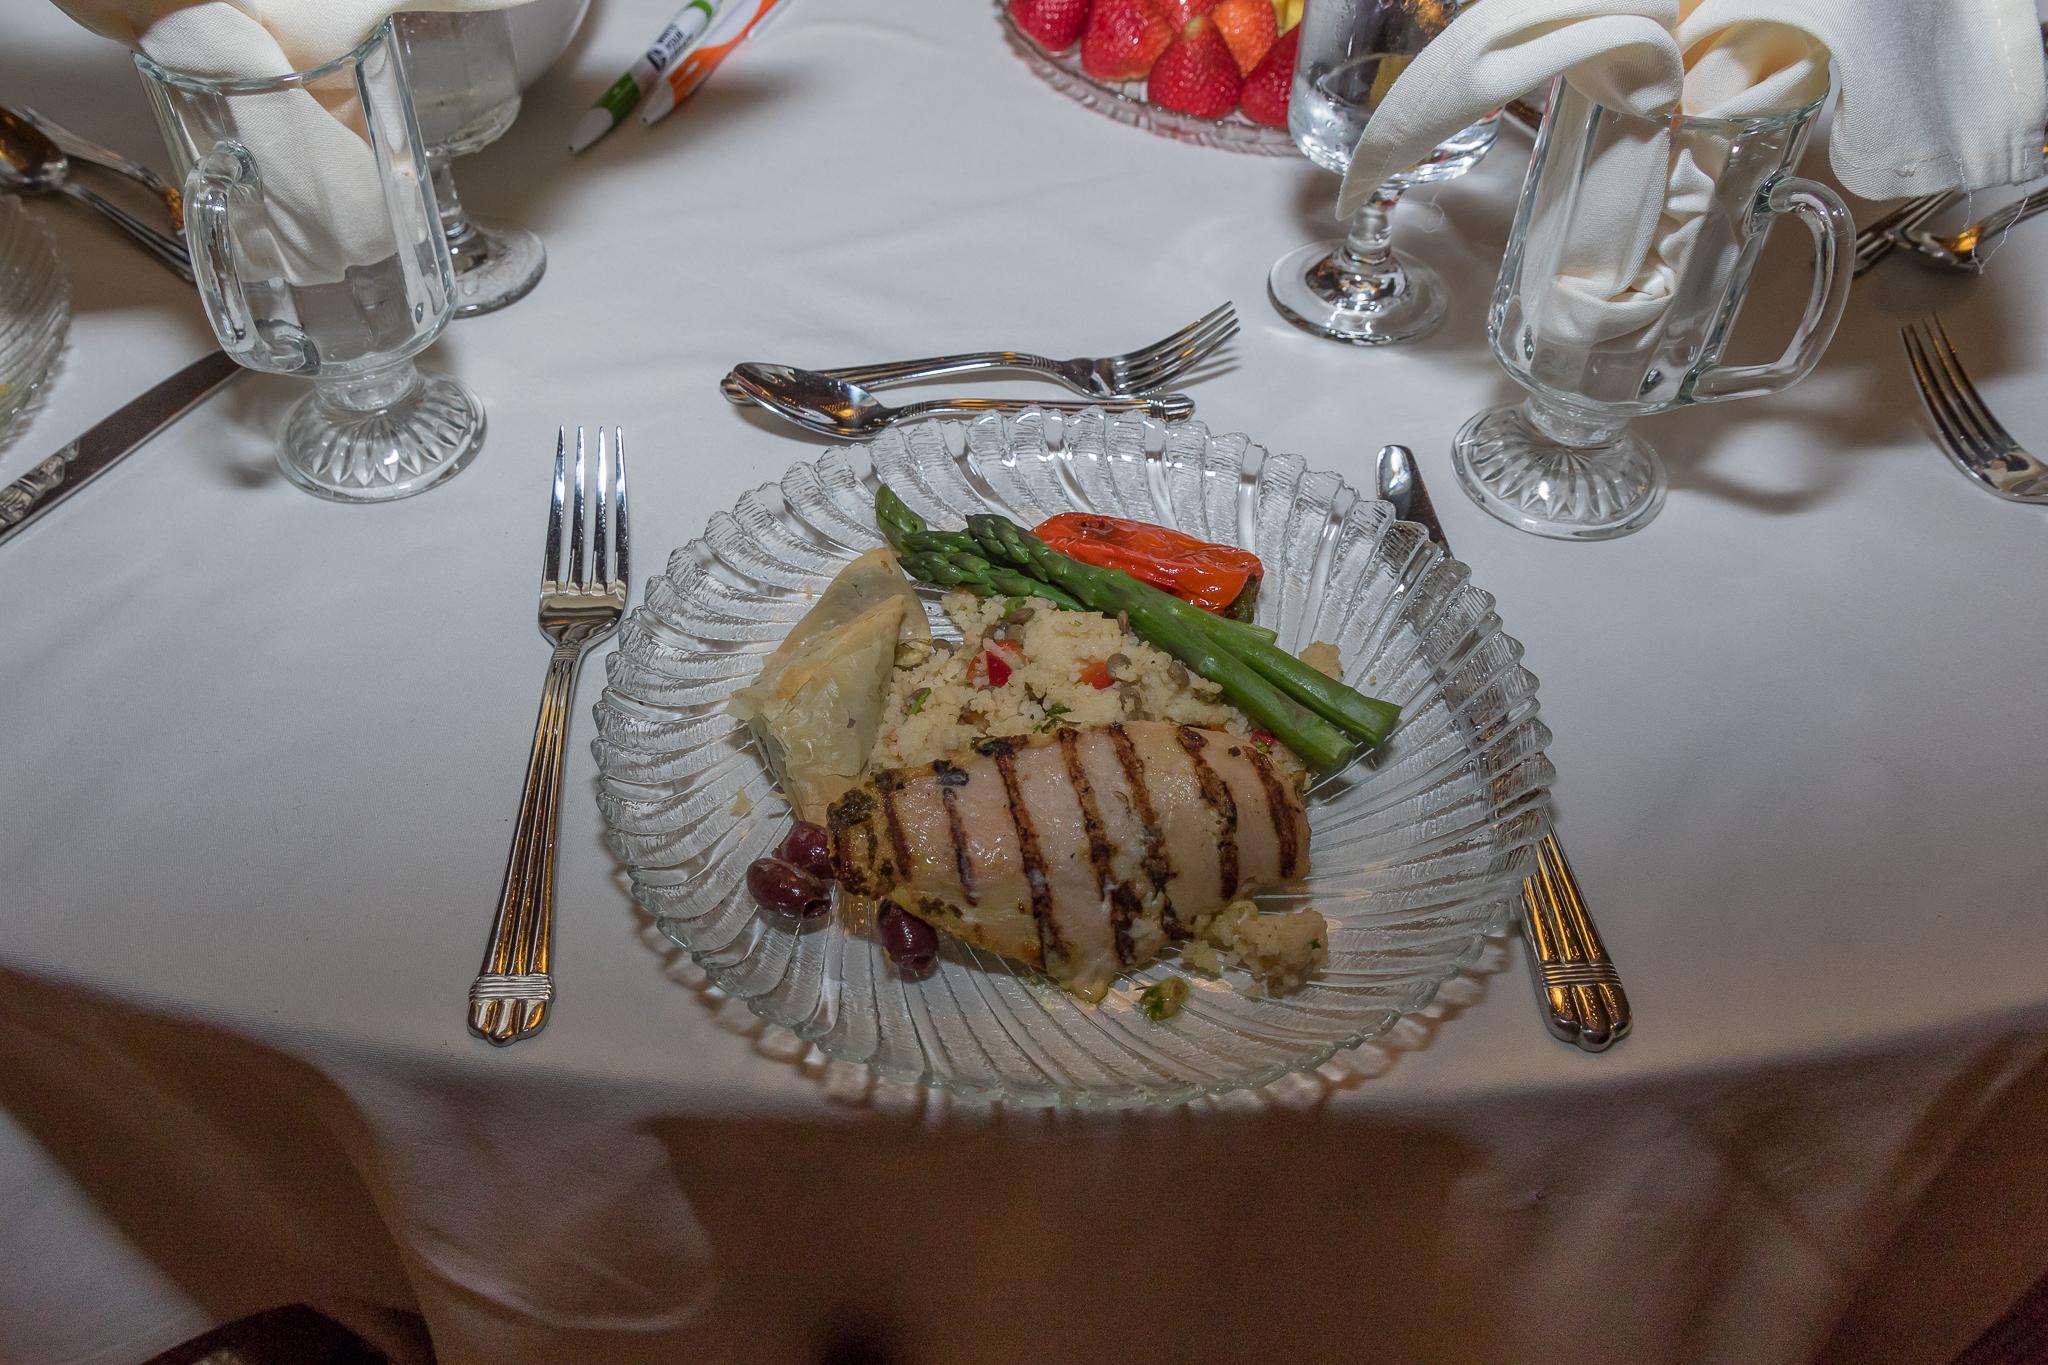 JFS Luncheon 7D L46A8236-50.jpg